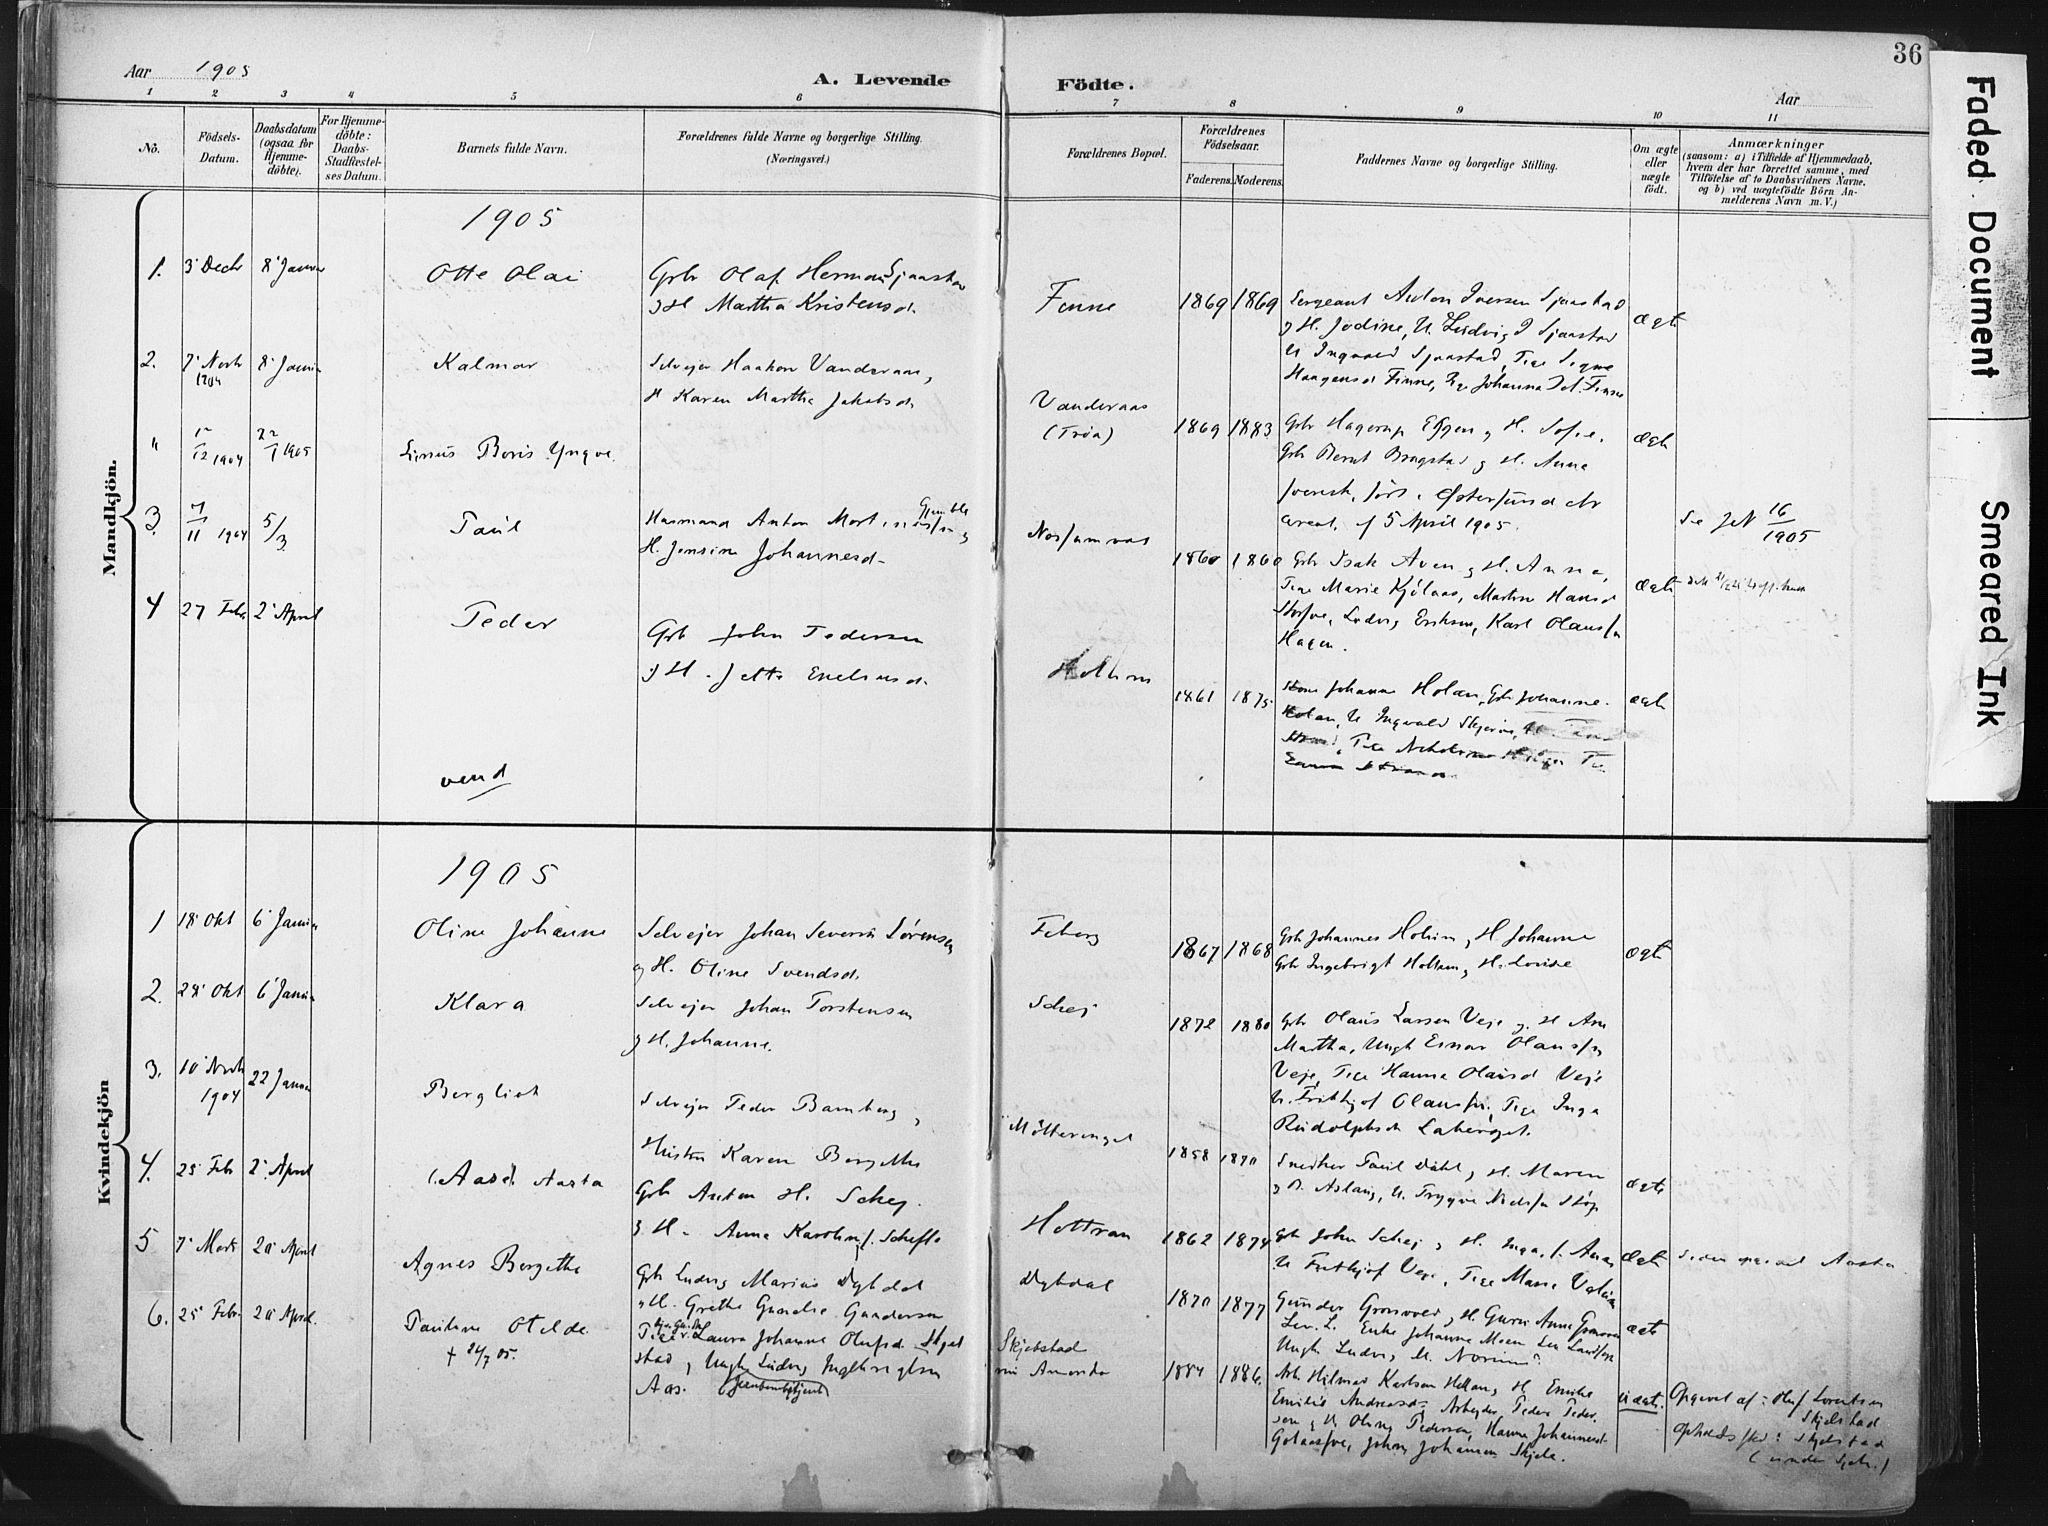 SAT, Ministerialprotokoller, klokkerbøker og fødselsregistre - Nord-Trøndelag, 717/L0162: Ministerialbok nr. 717A12, 1898-1923, s. 36